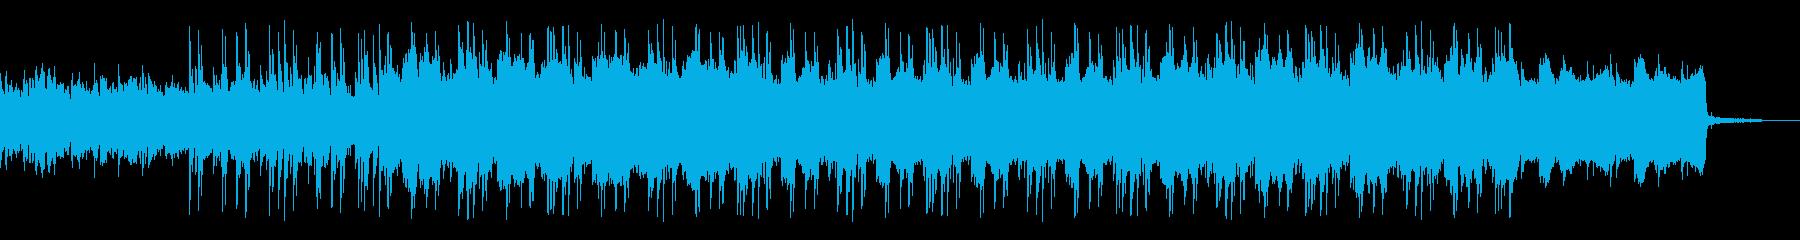 寒い時期にぴったりな哀れ感じる電子音楽での再生済みの波形